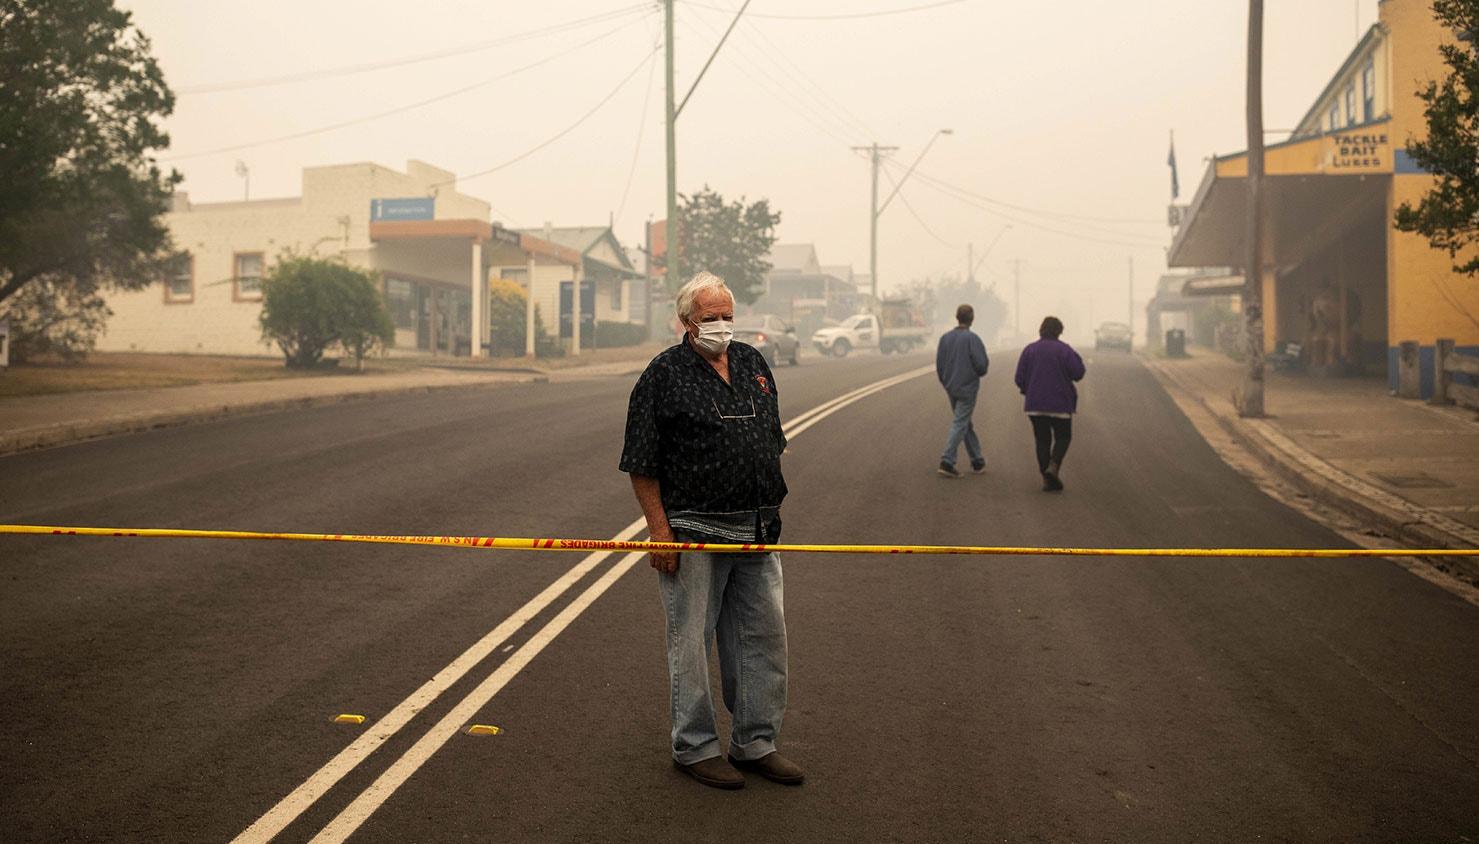 Um morador de Cobargo olha para edifícios destruídos | Sean Davey - EPA